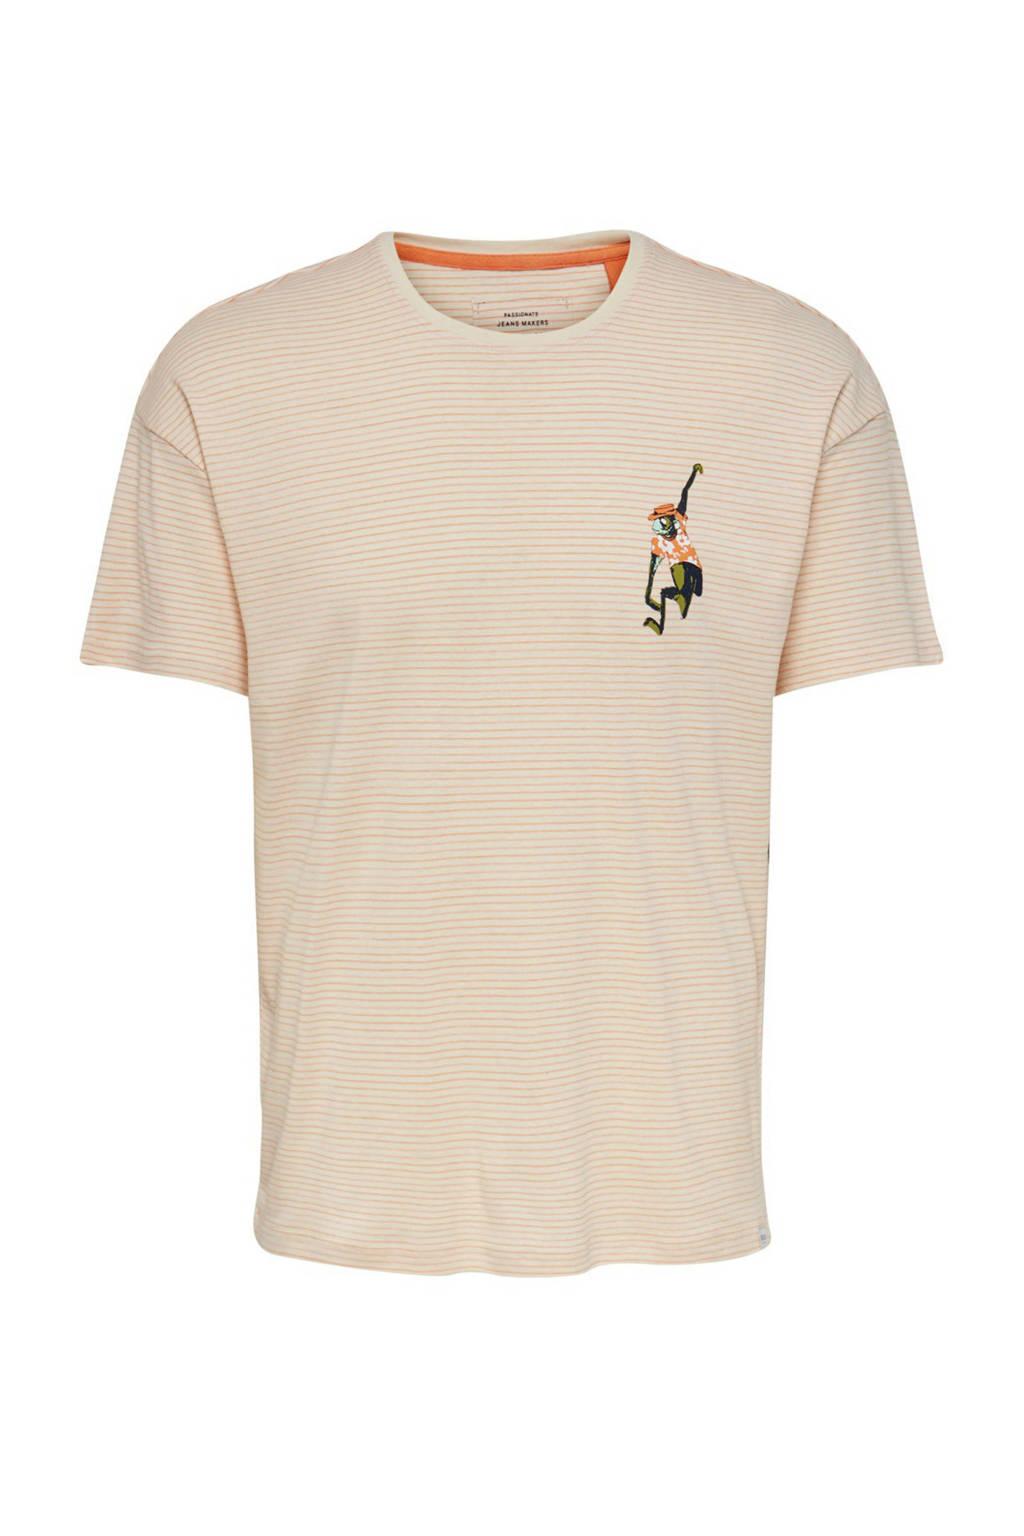 ONLY & SONS gestreept T-shirt van biologisch katoen ecru/oranje, Ecru/oranje